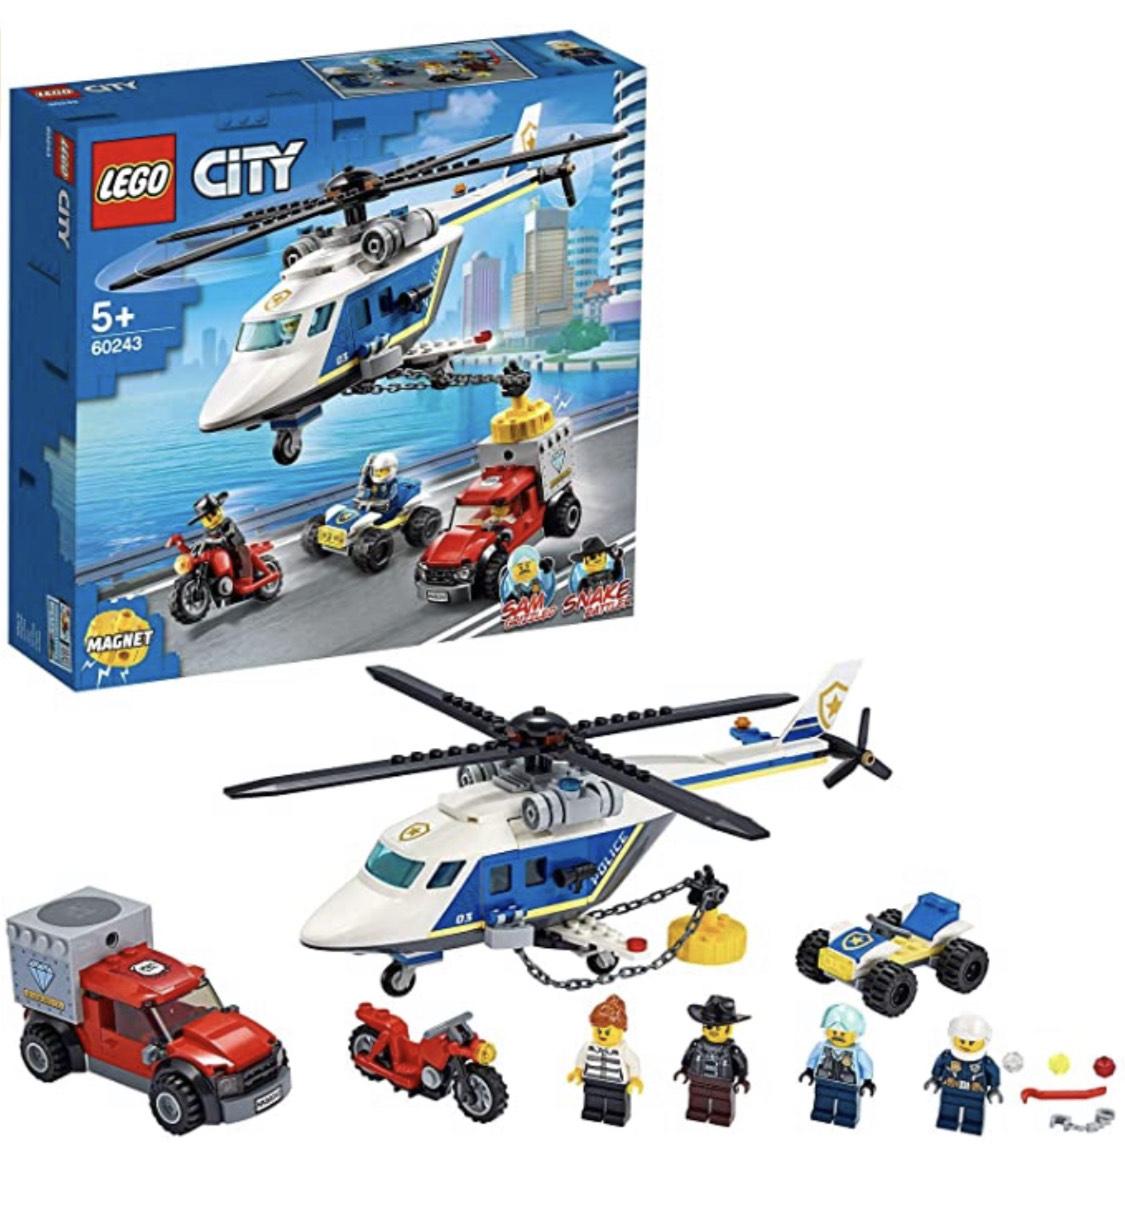 LEGO City - Verfolgungsjagd mit dem Polizeihubschrauber (60243) wieder günstig, gratis Versand mit Prime!